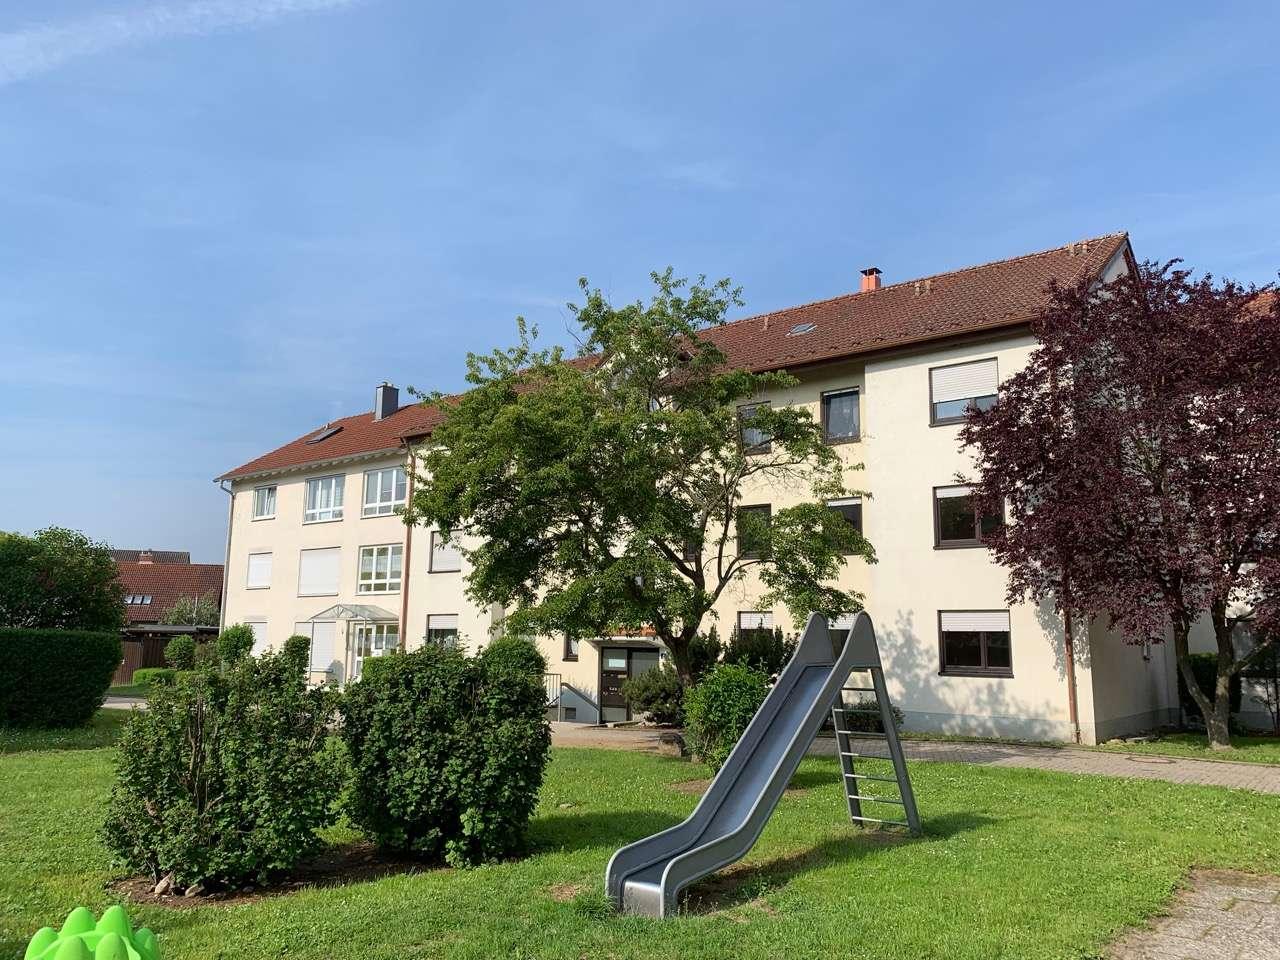 WOHNEN IM GRÜNEN - Großzügige 4-Zimmer Wohnung in Volkach zu vermieten